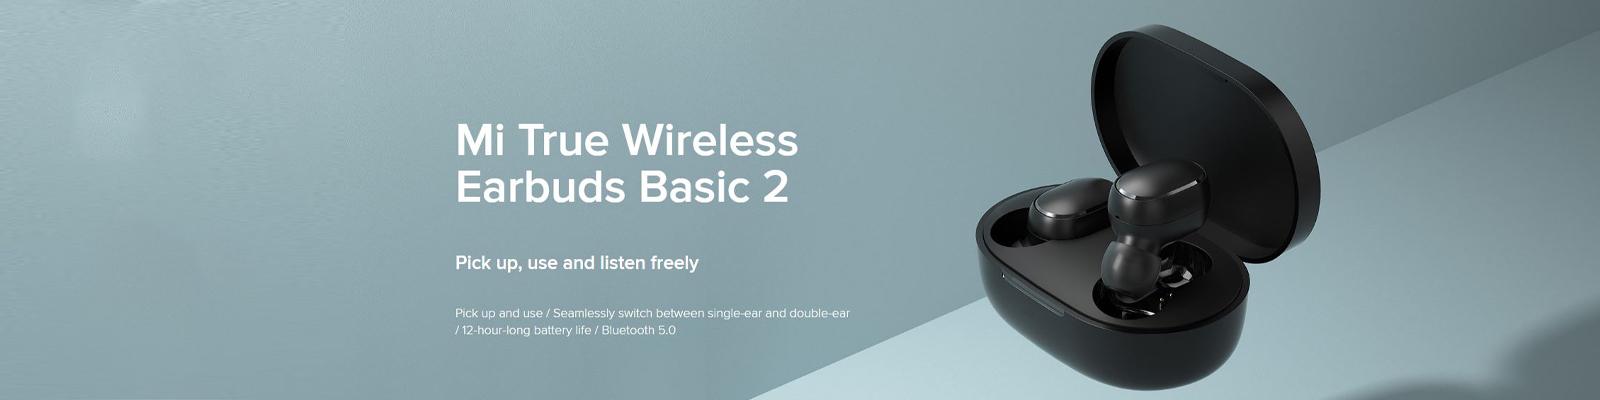 ویژگیها و قابلیتهای هدفون کاملا بیسیم شیائومی Mi True Wireless Earbuds Basic 2